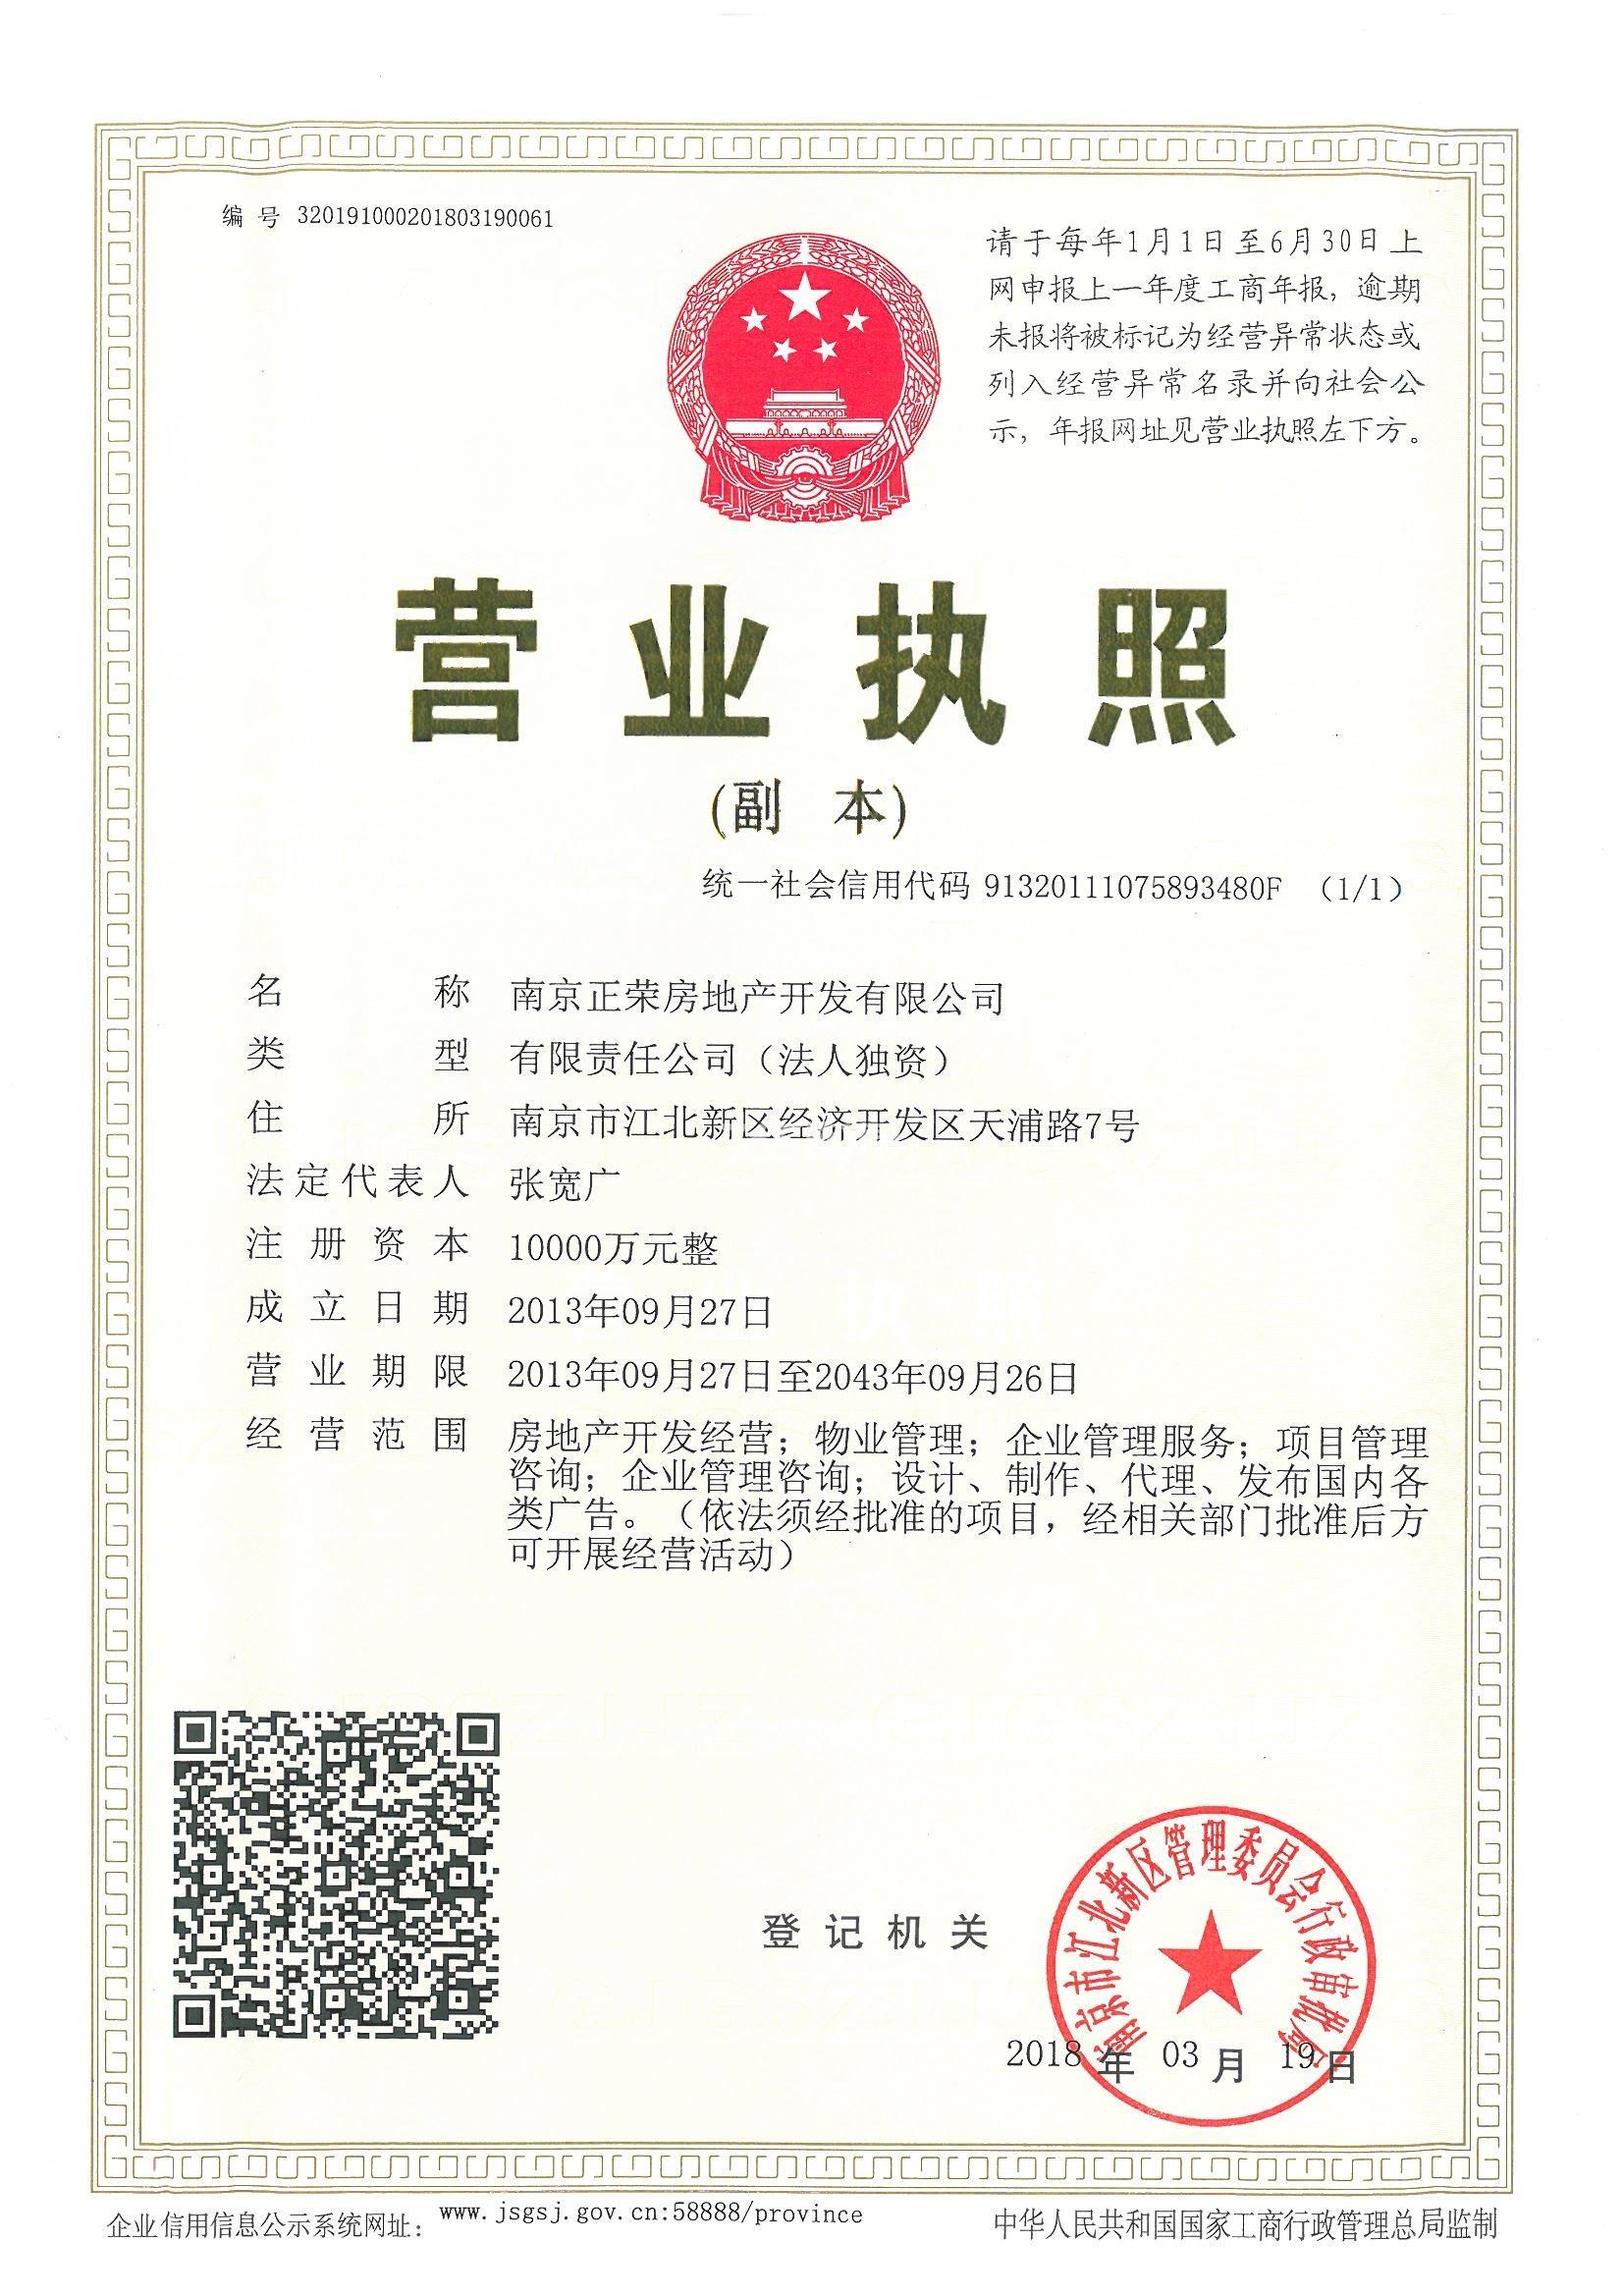 正荣润江城销售证照